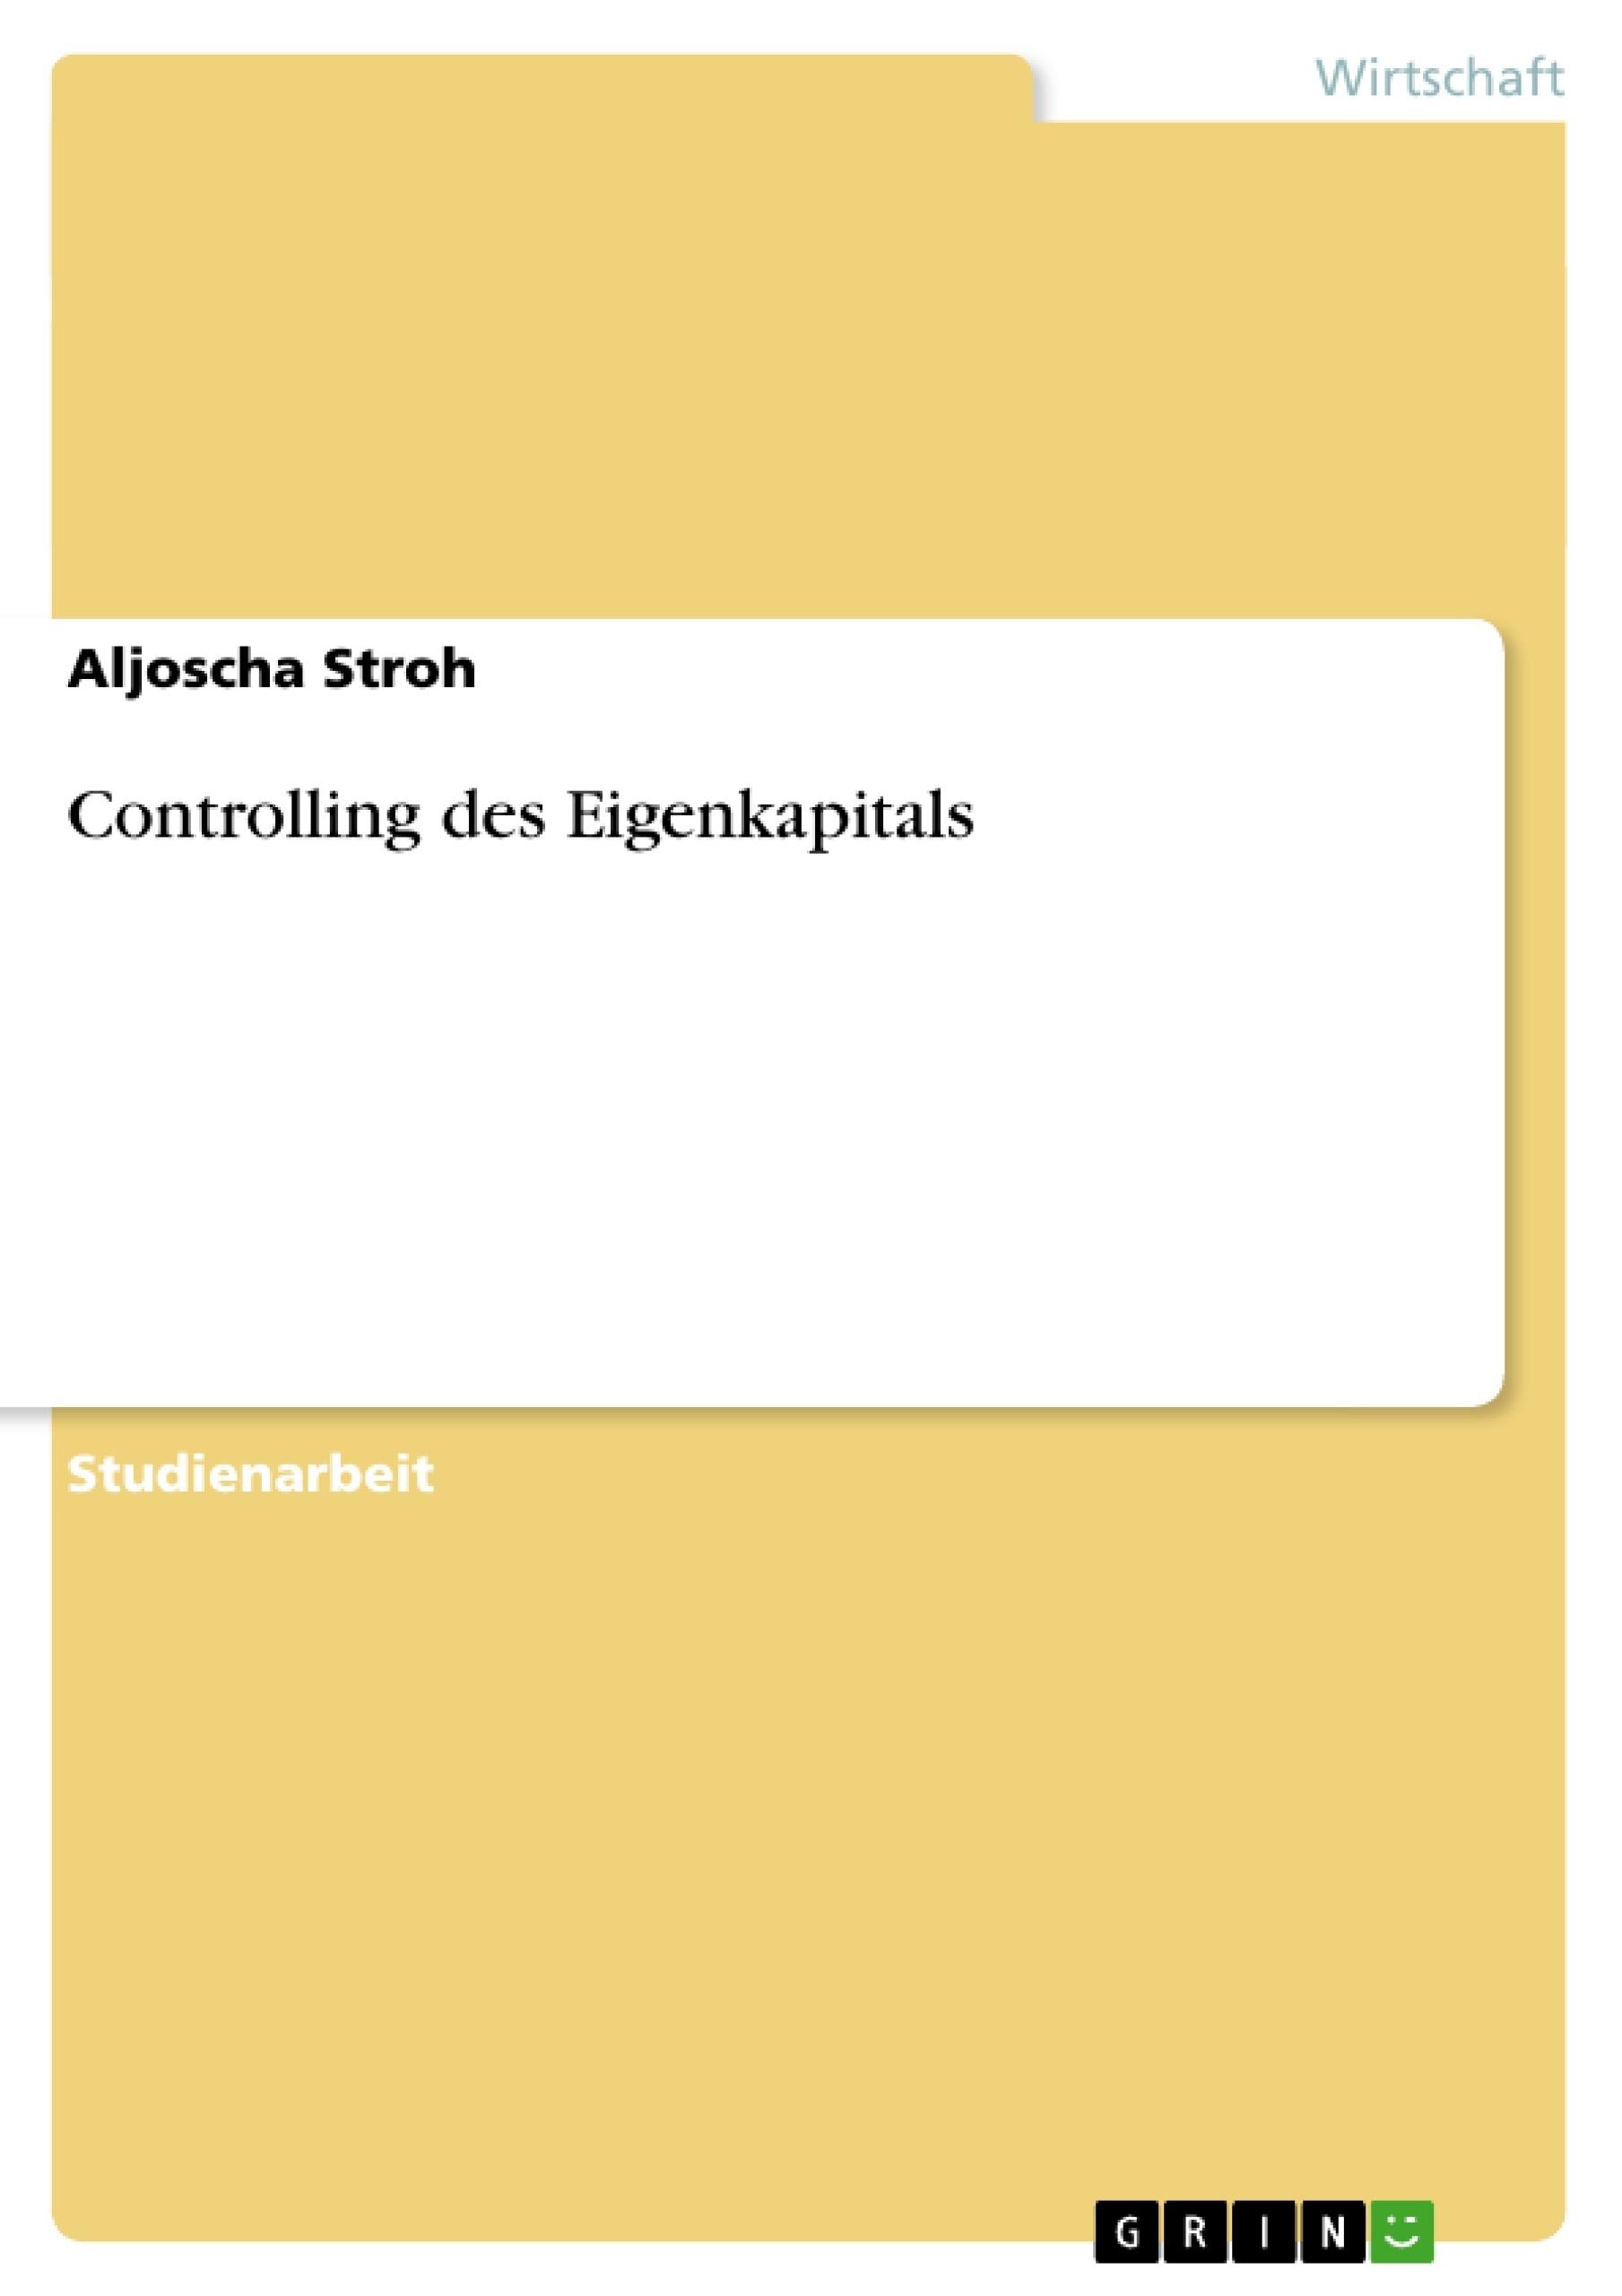 Titel: Controlling des Eigenkapitals